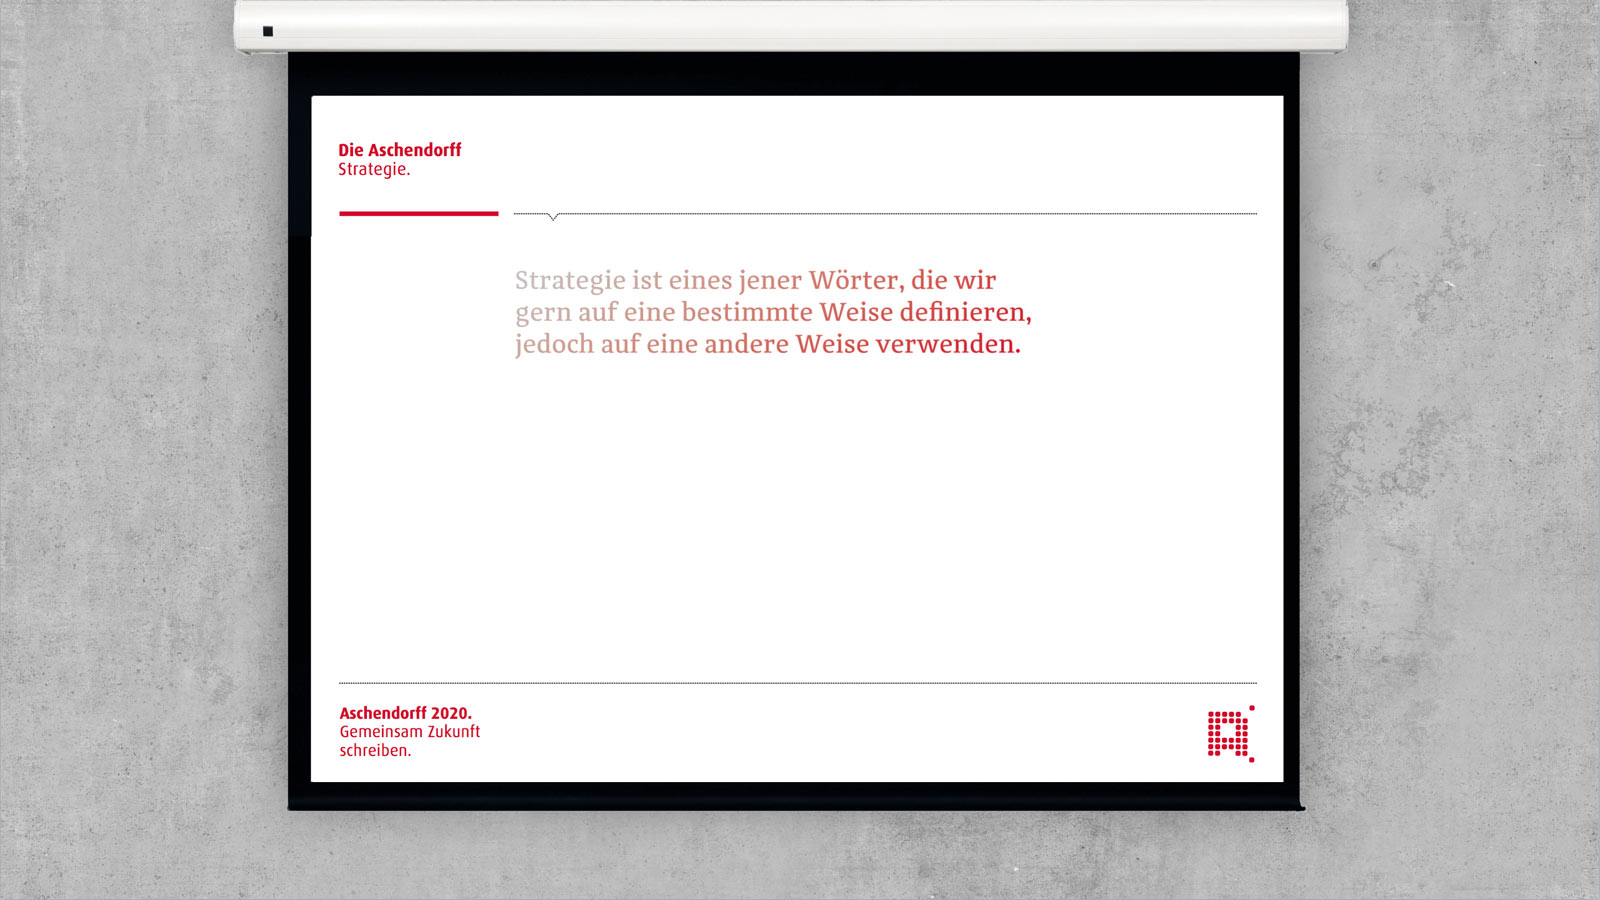 Aschendorff Strategie Powerpoint